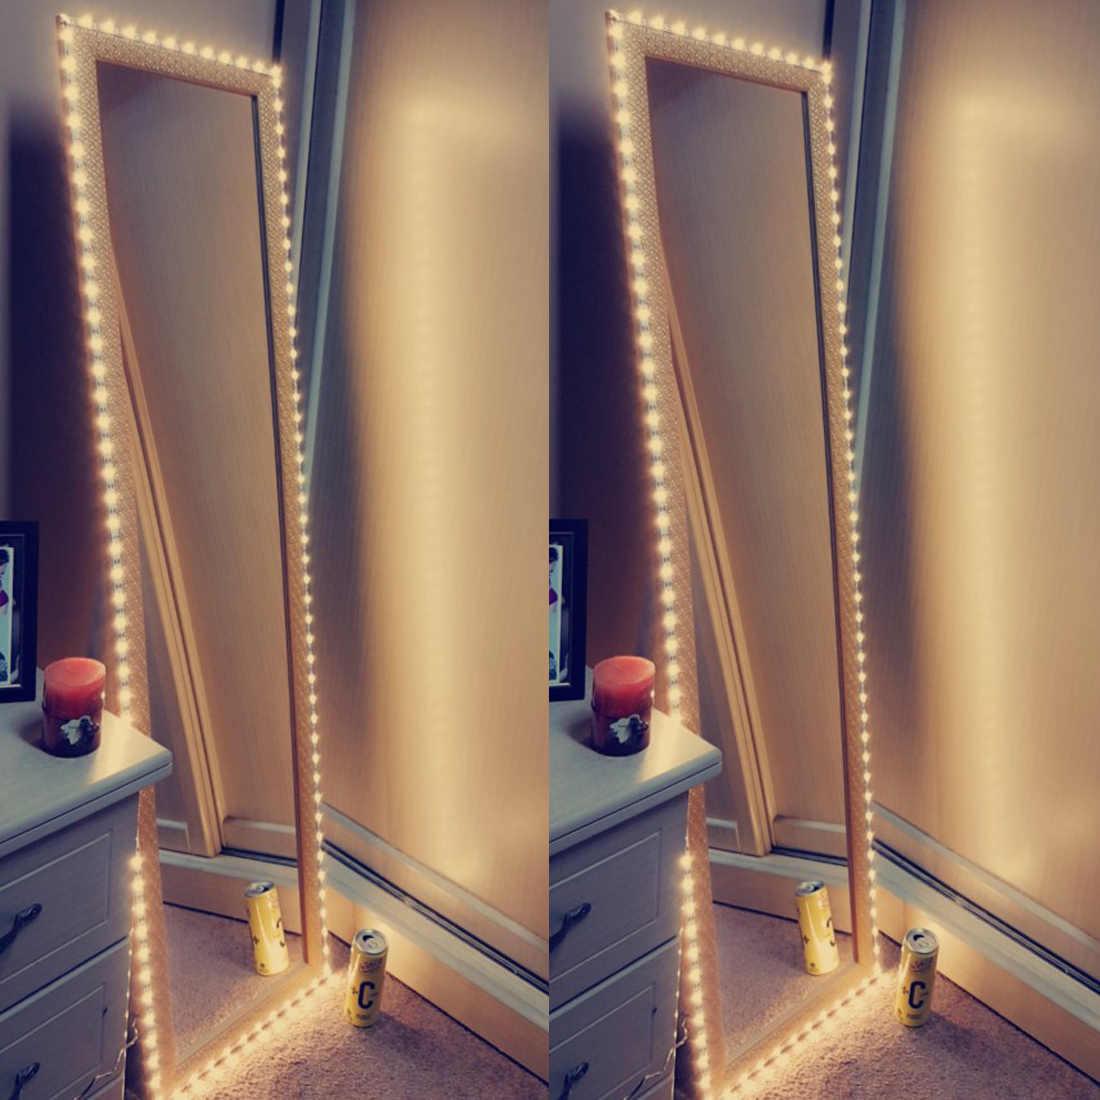 مرآة الزينة ضوء 5 فولت USB LED مرنة الشريط كابل يو اس بي بالطاقة مرآة تزين مصباح ديكور 0.5 متر-5 متر